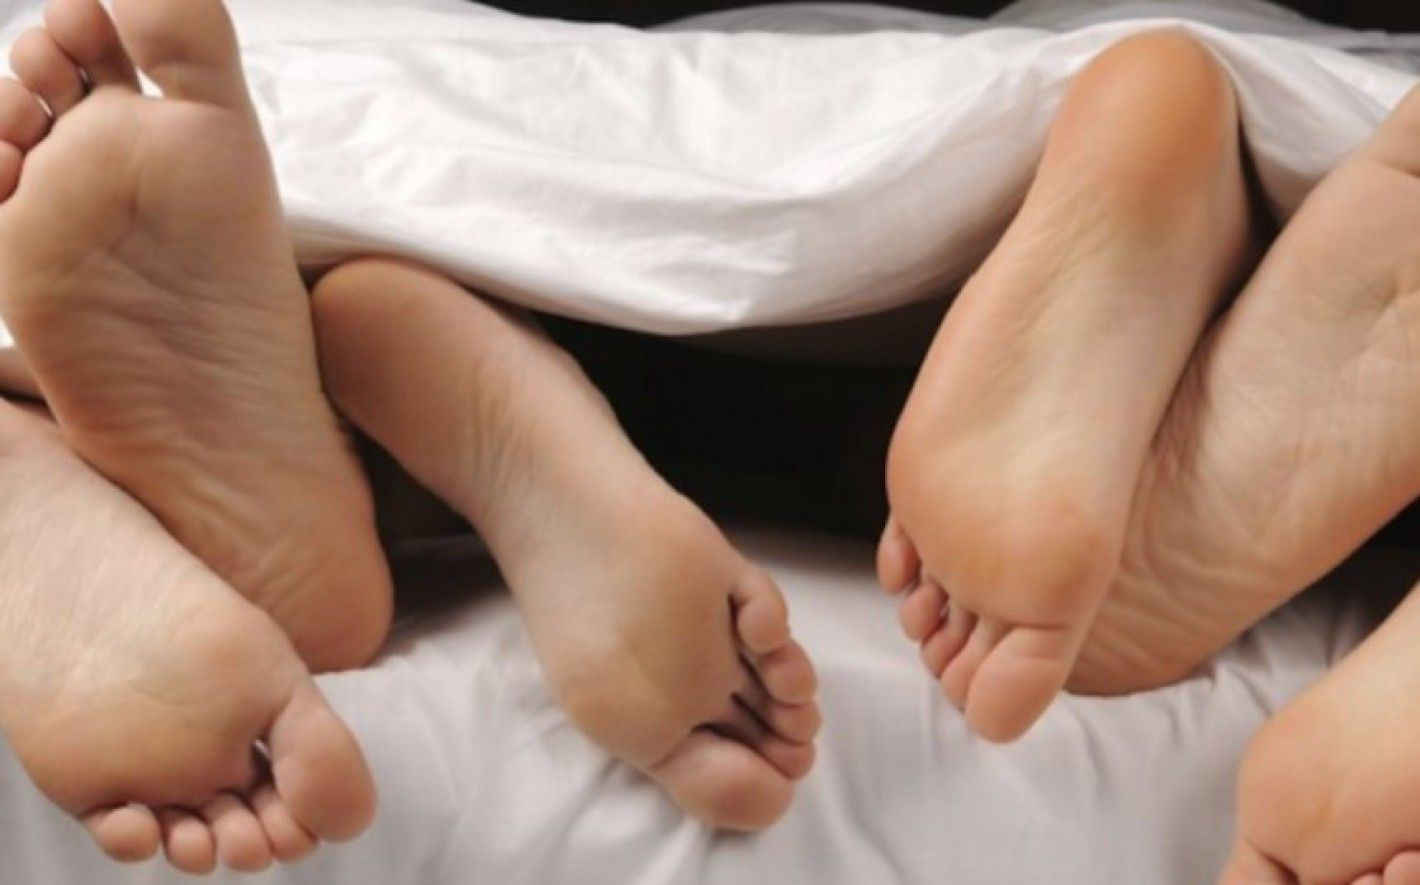 Sin restricciones en los hoteles alojamiento: proponen que se admita a swingers y tríos